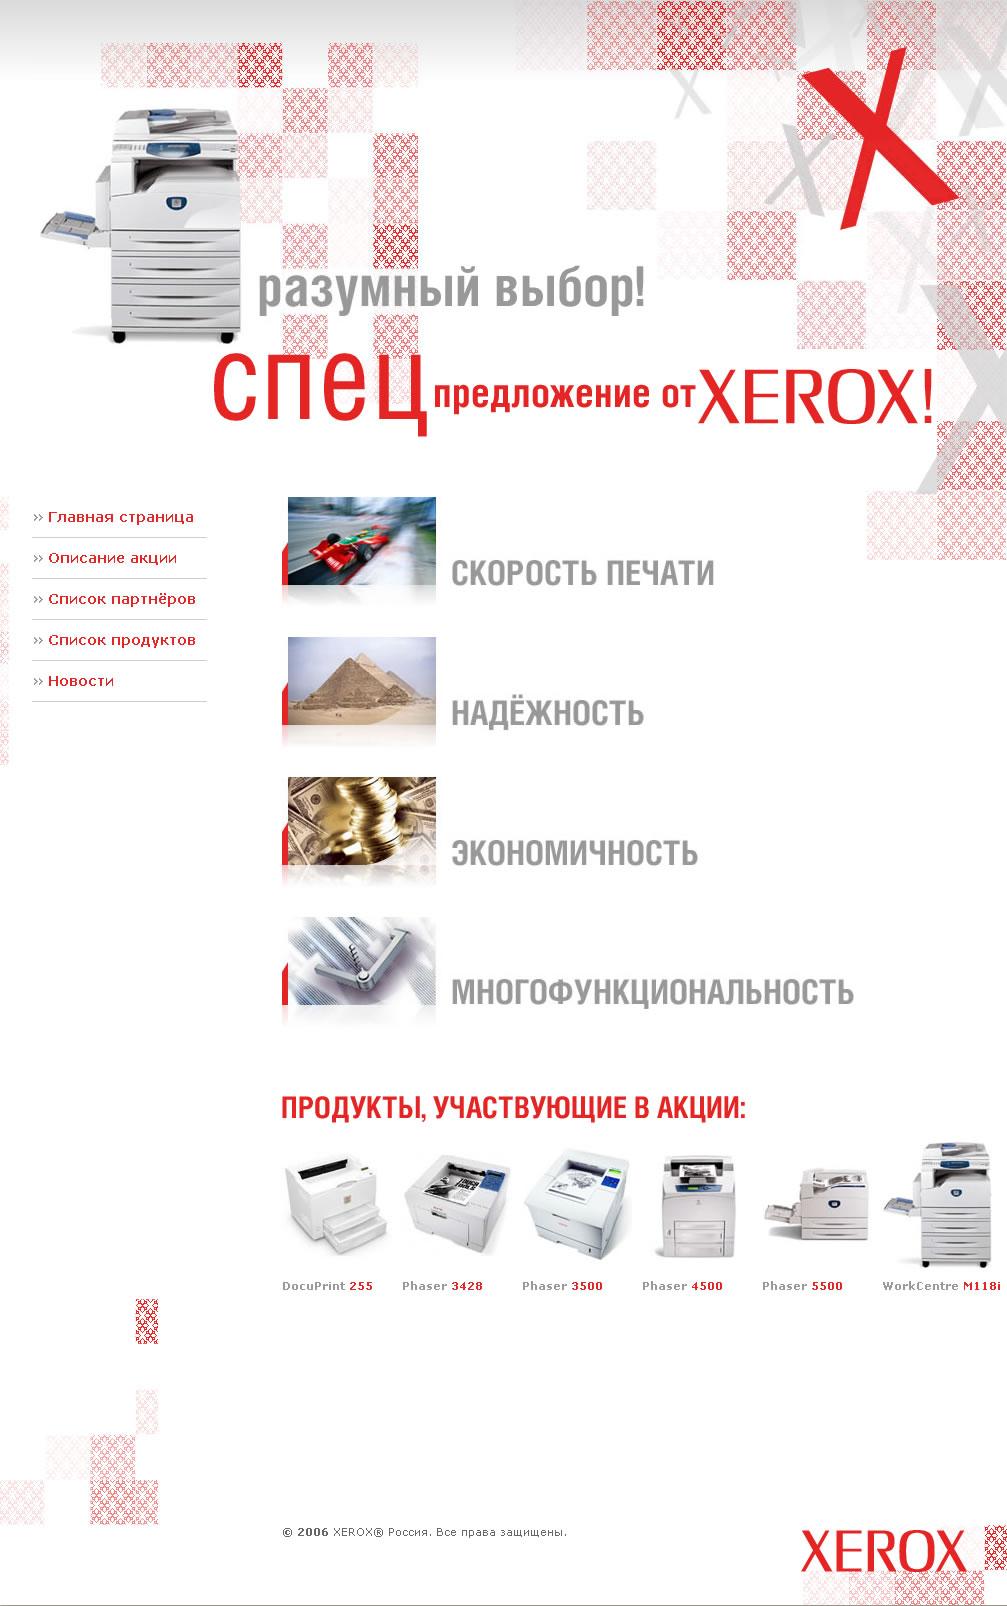 Xerox - Супер-предложение